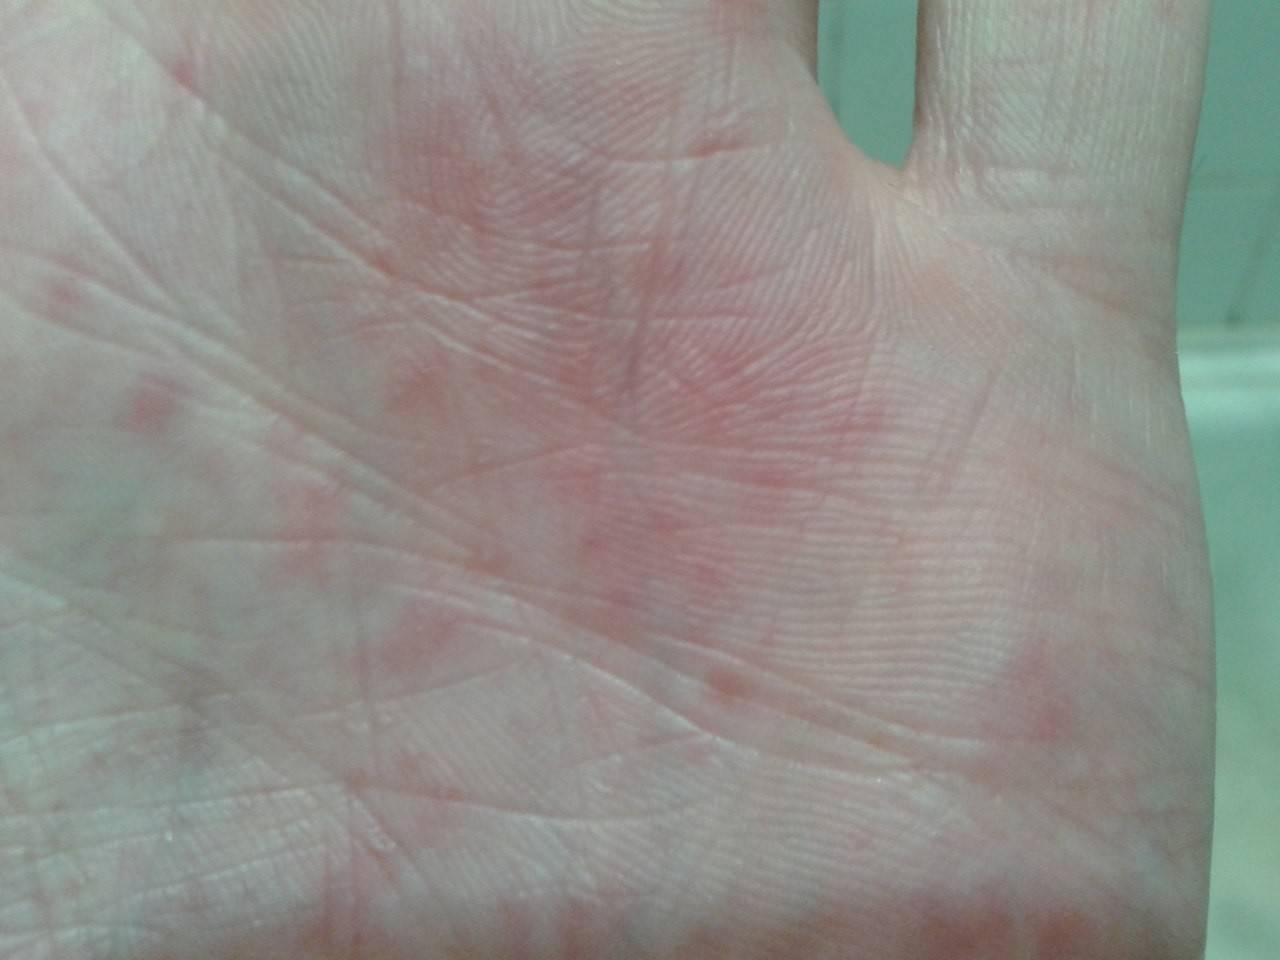 Виды кожных высыпаний у детей: фото сыпи на груди, спине и по всему телу с пояснениями